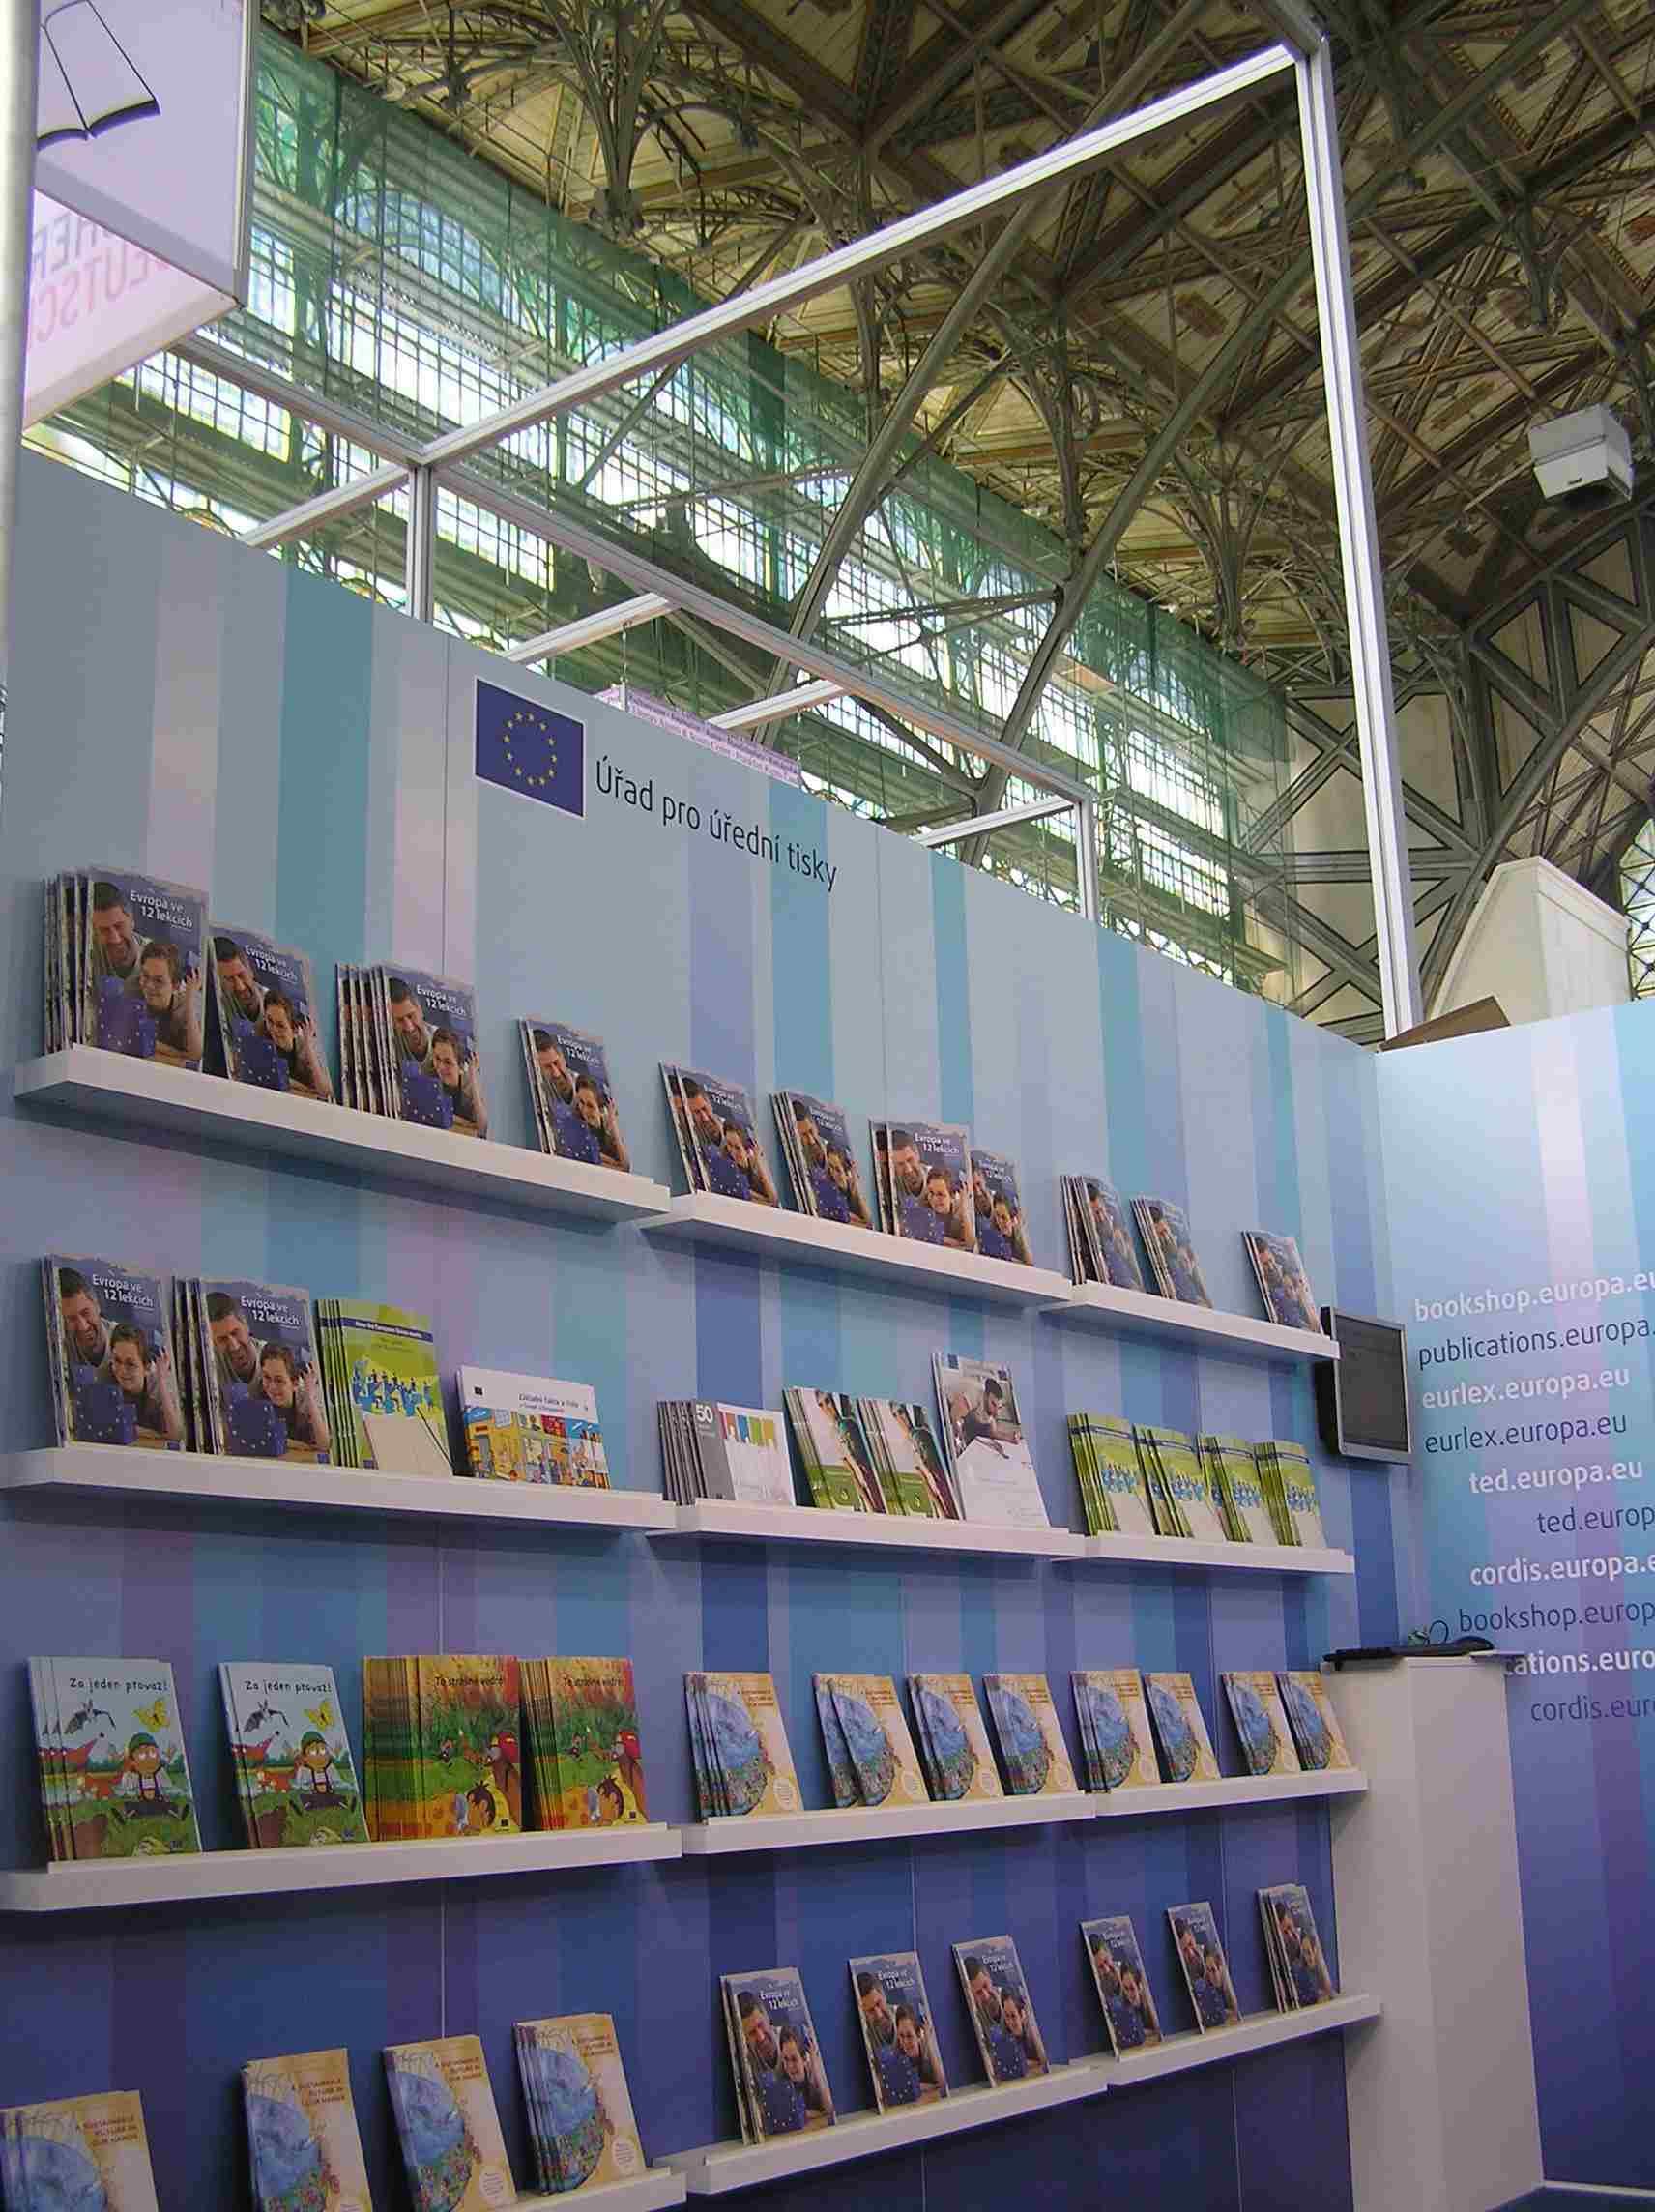 Obr. 1: Expozice Úřadu pro úřední tisky Evropských společenství zaujímala přední místo hlavní haly výstaviště